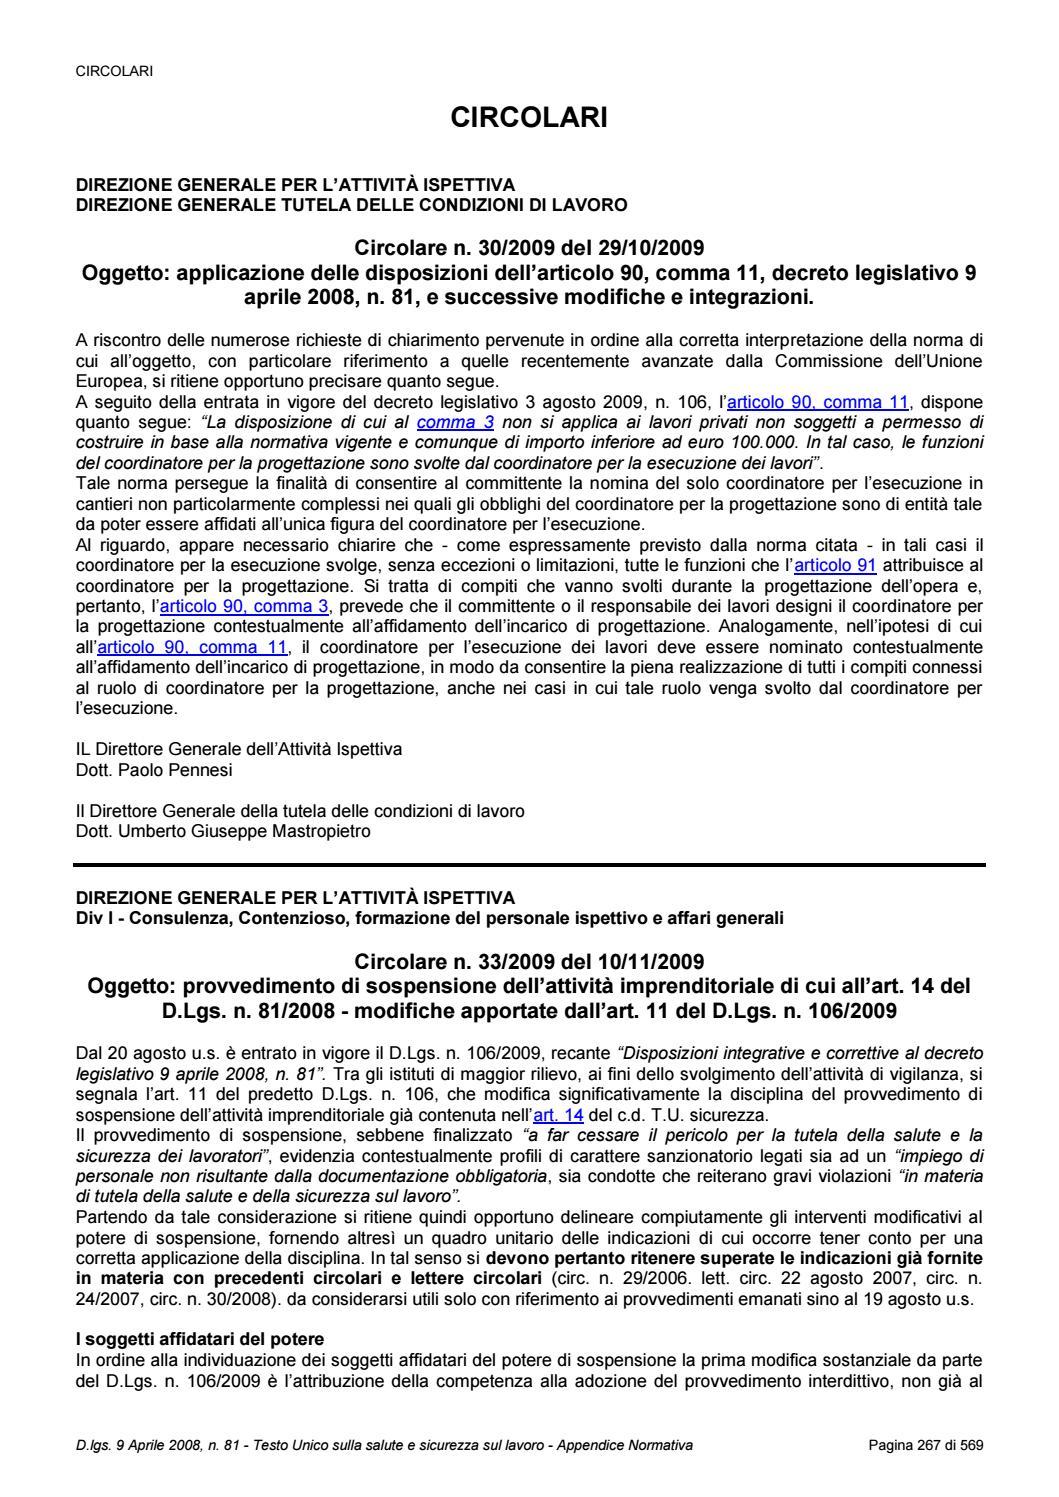 Guida Alla Sicurezza Delle Scaffalature Industriali E Dei Soppalchi.T U 81 08 E Smi Edizione Gennaio 2019 Circolari By